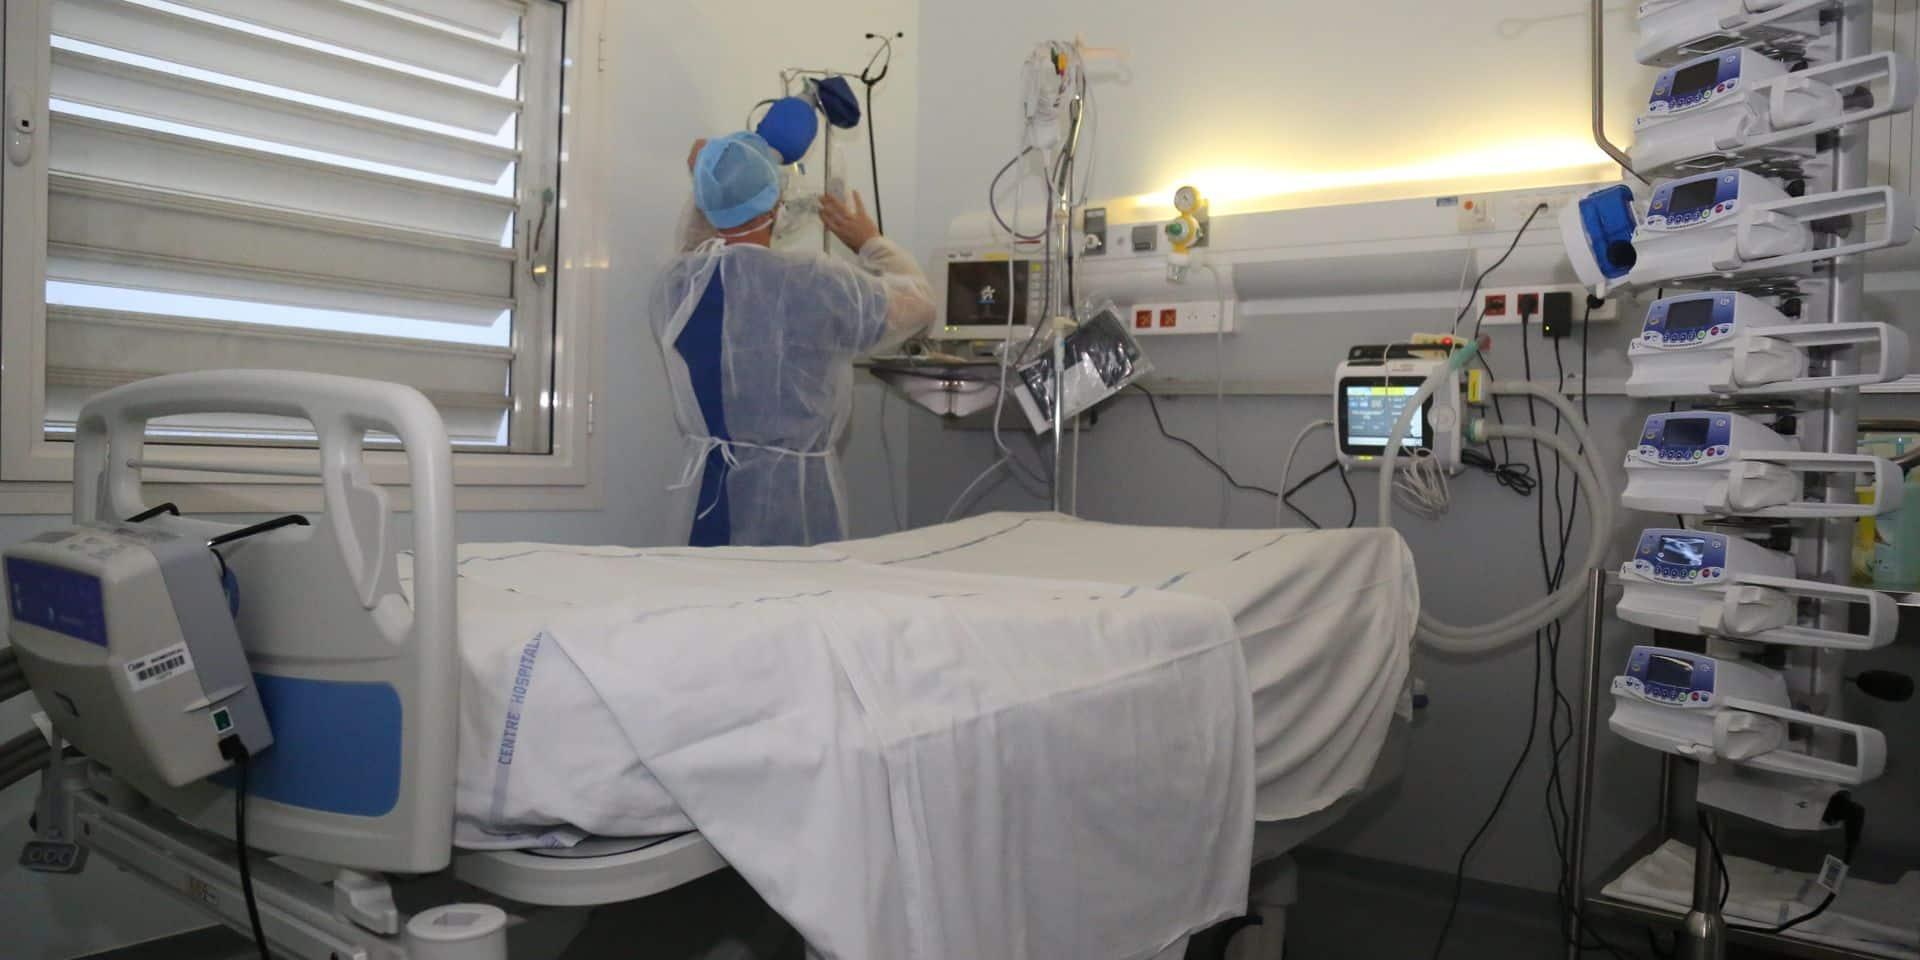 Un Américain ayant contracté le coronavirus reçoit une facture de l'hôpital... d'un million de dollars!